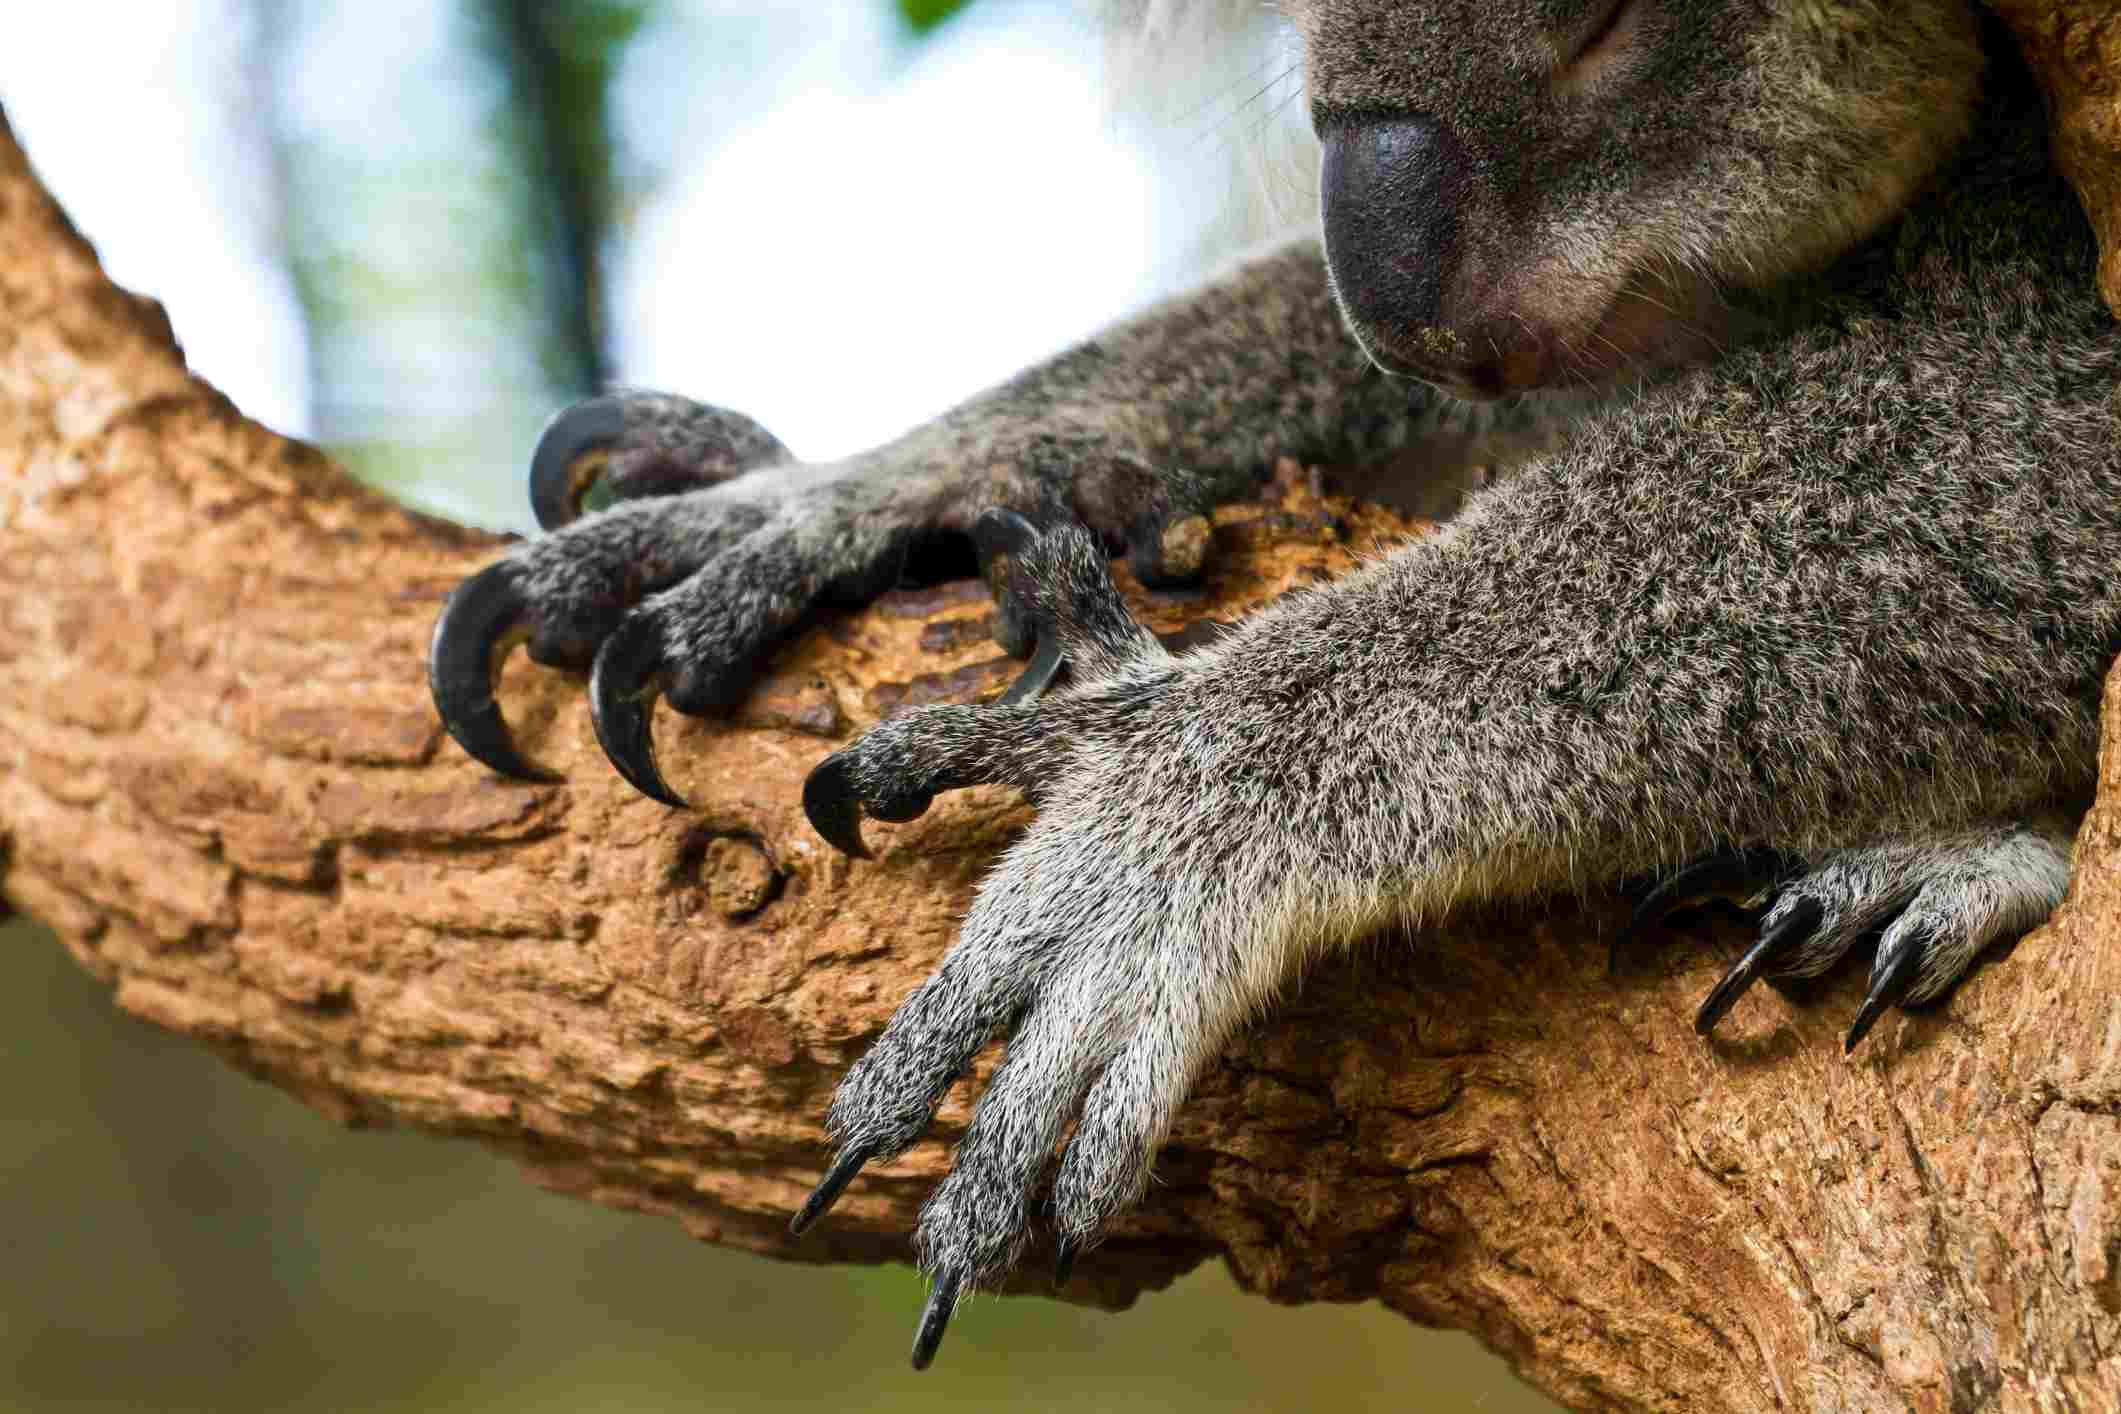 Koalas hand